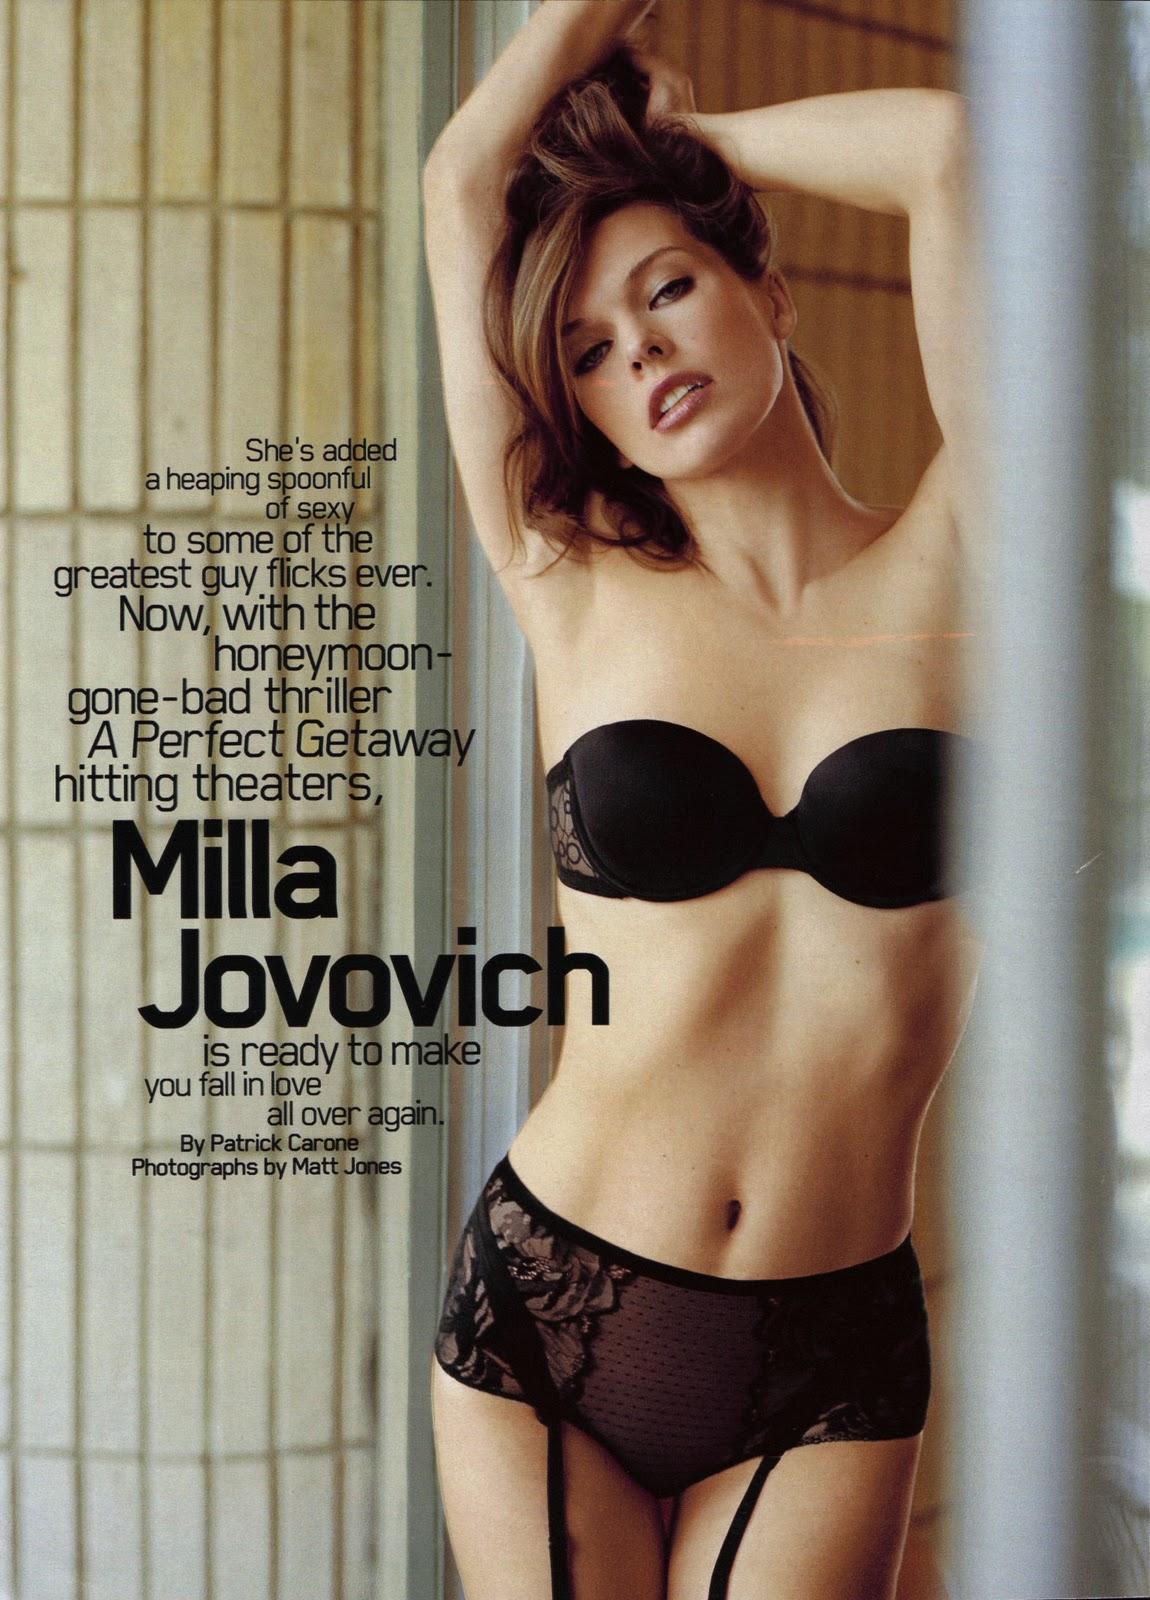 http://1.bp.blogspot.com/_oKvOFsdE41U/TNqGNM8EnXI/AAAAAAAAAlw/Q3VgKX2jM8U/s1600/1_milla-jovovich-maxim-september-2009-4.jpg